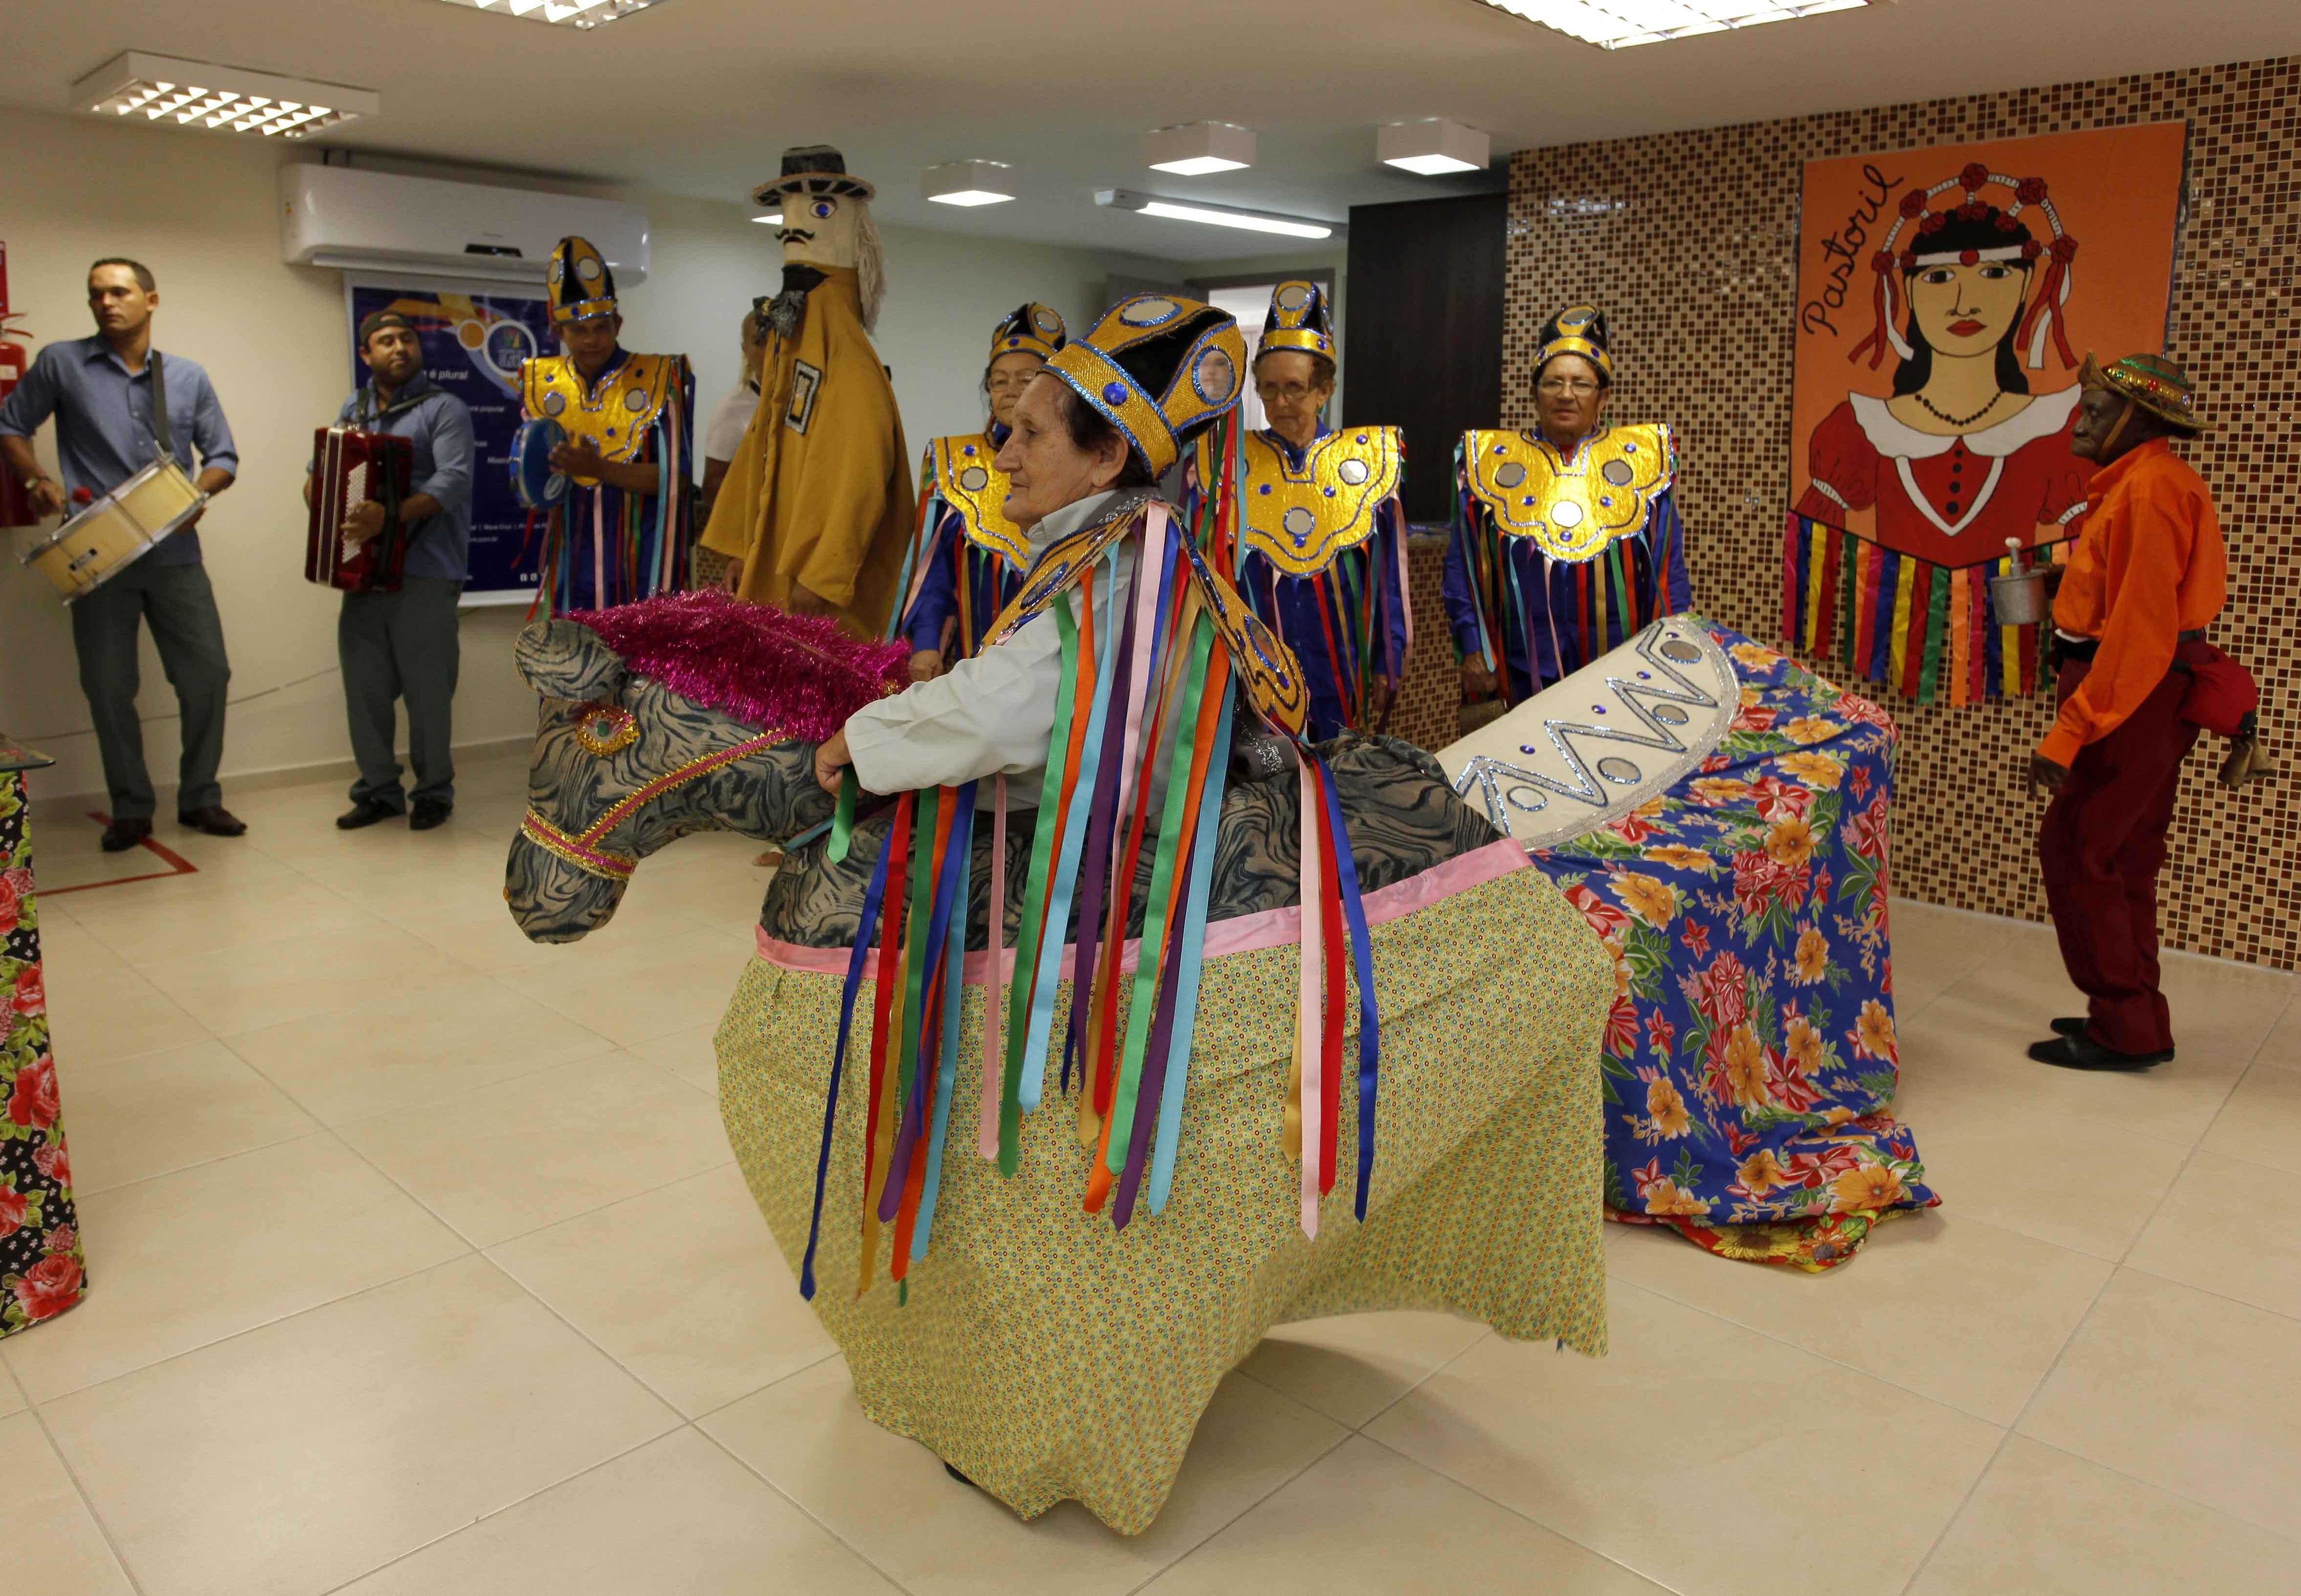 A Mostra Sesc de Arte e Cultura é mais uma iniciativa de promoção e resgate à cultura.